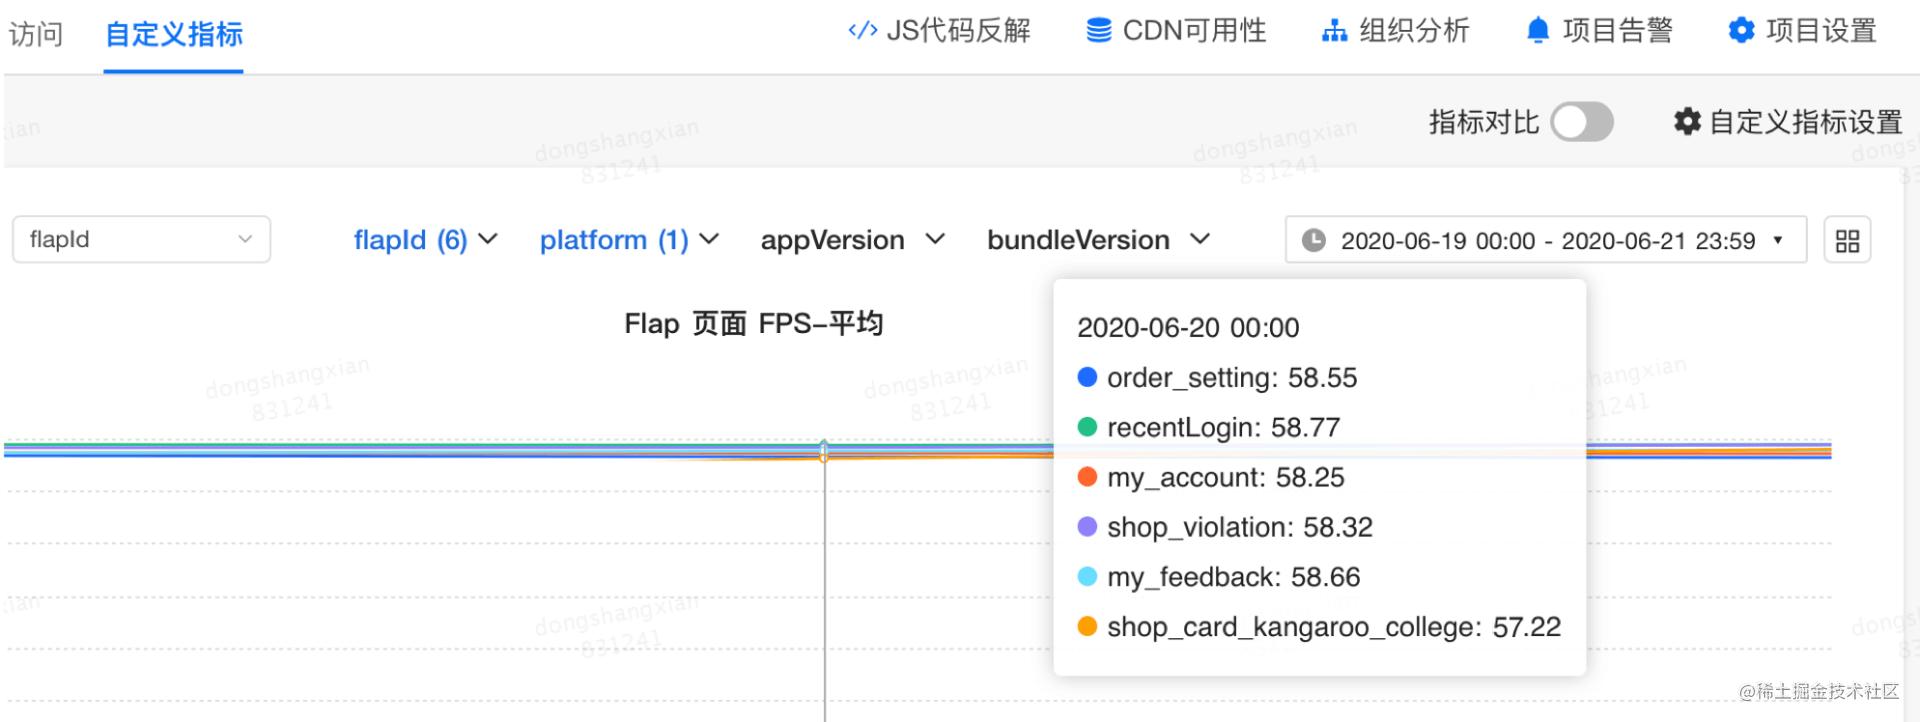 图20 部分动态化页面FPS数据